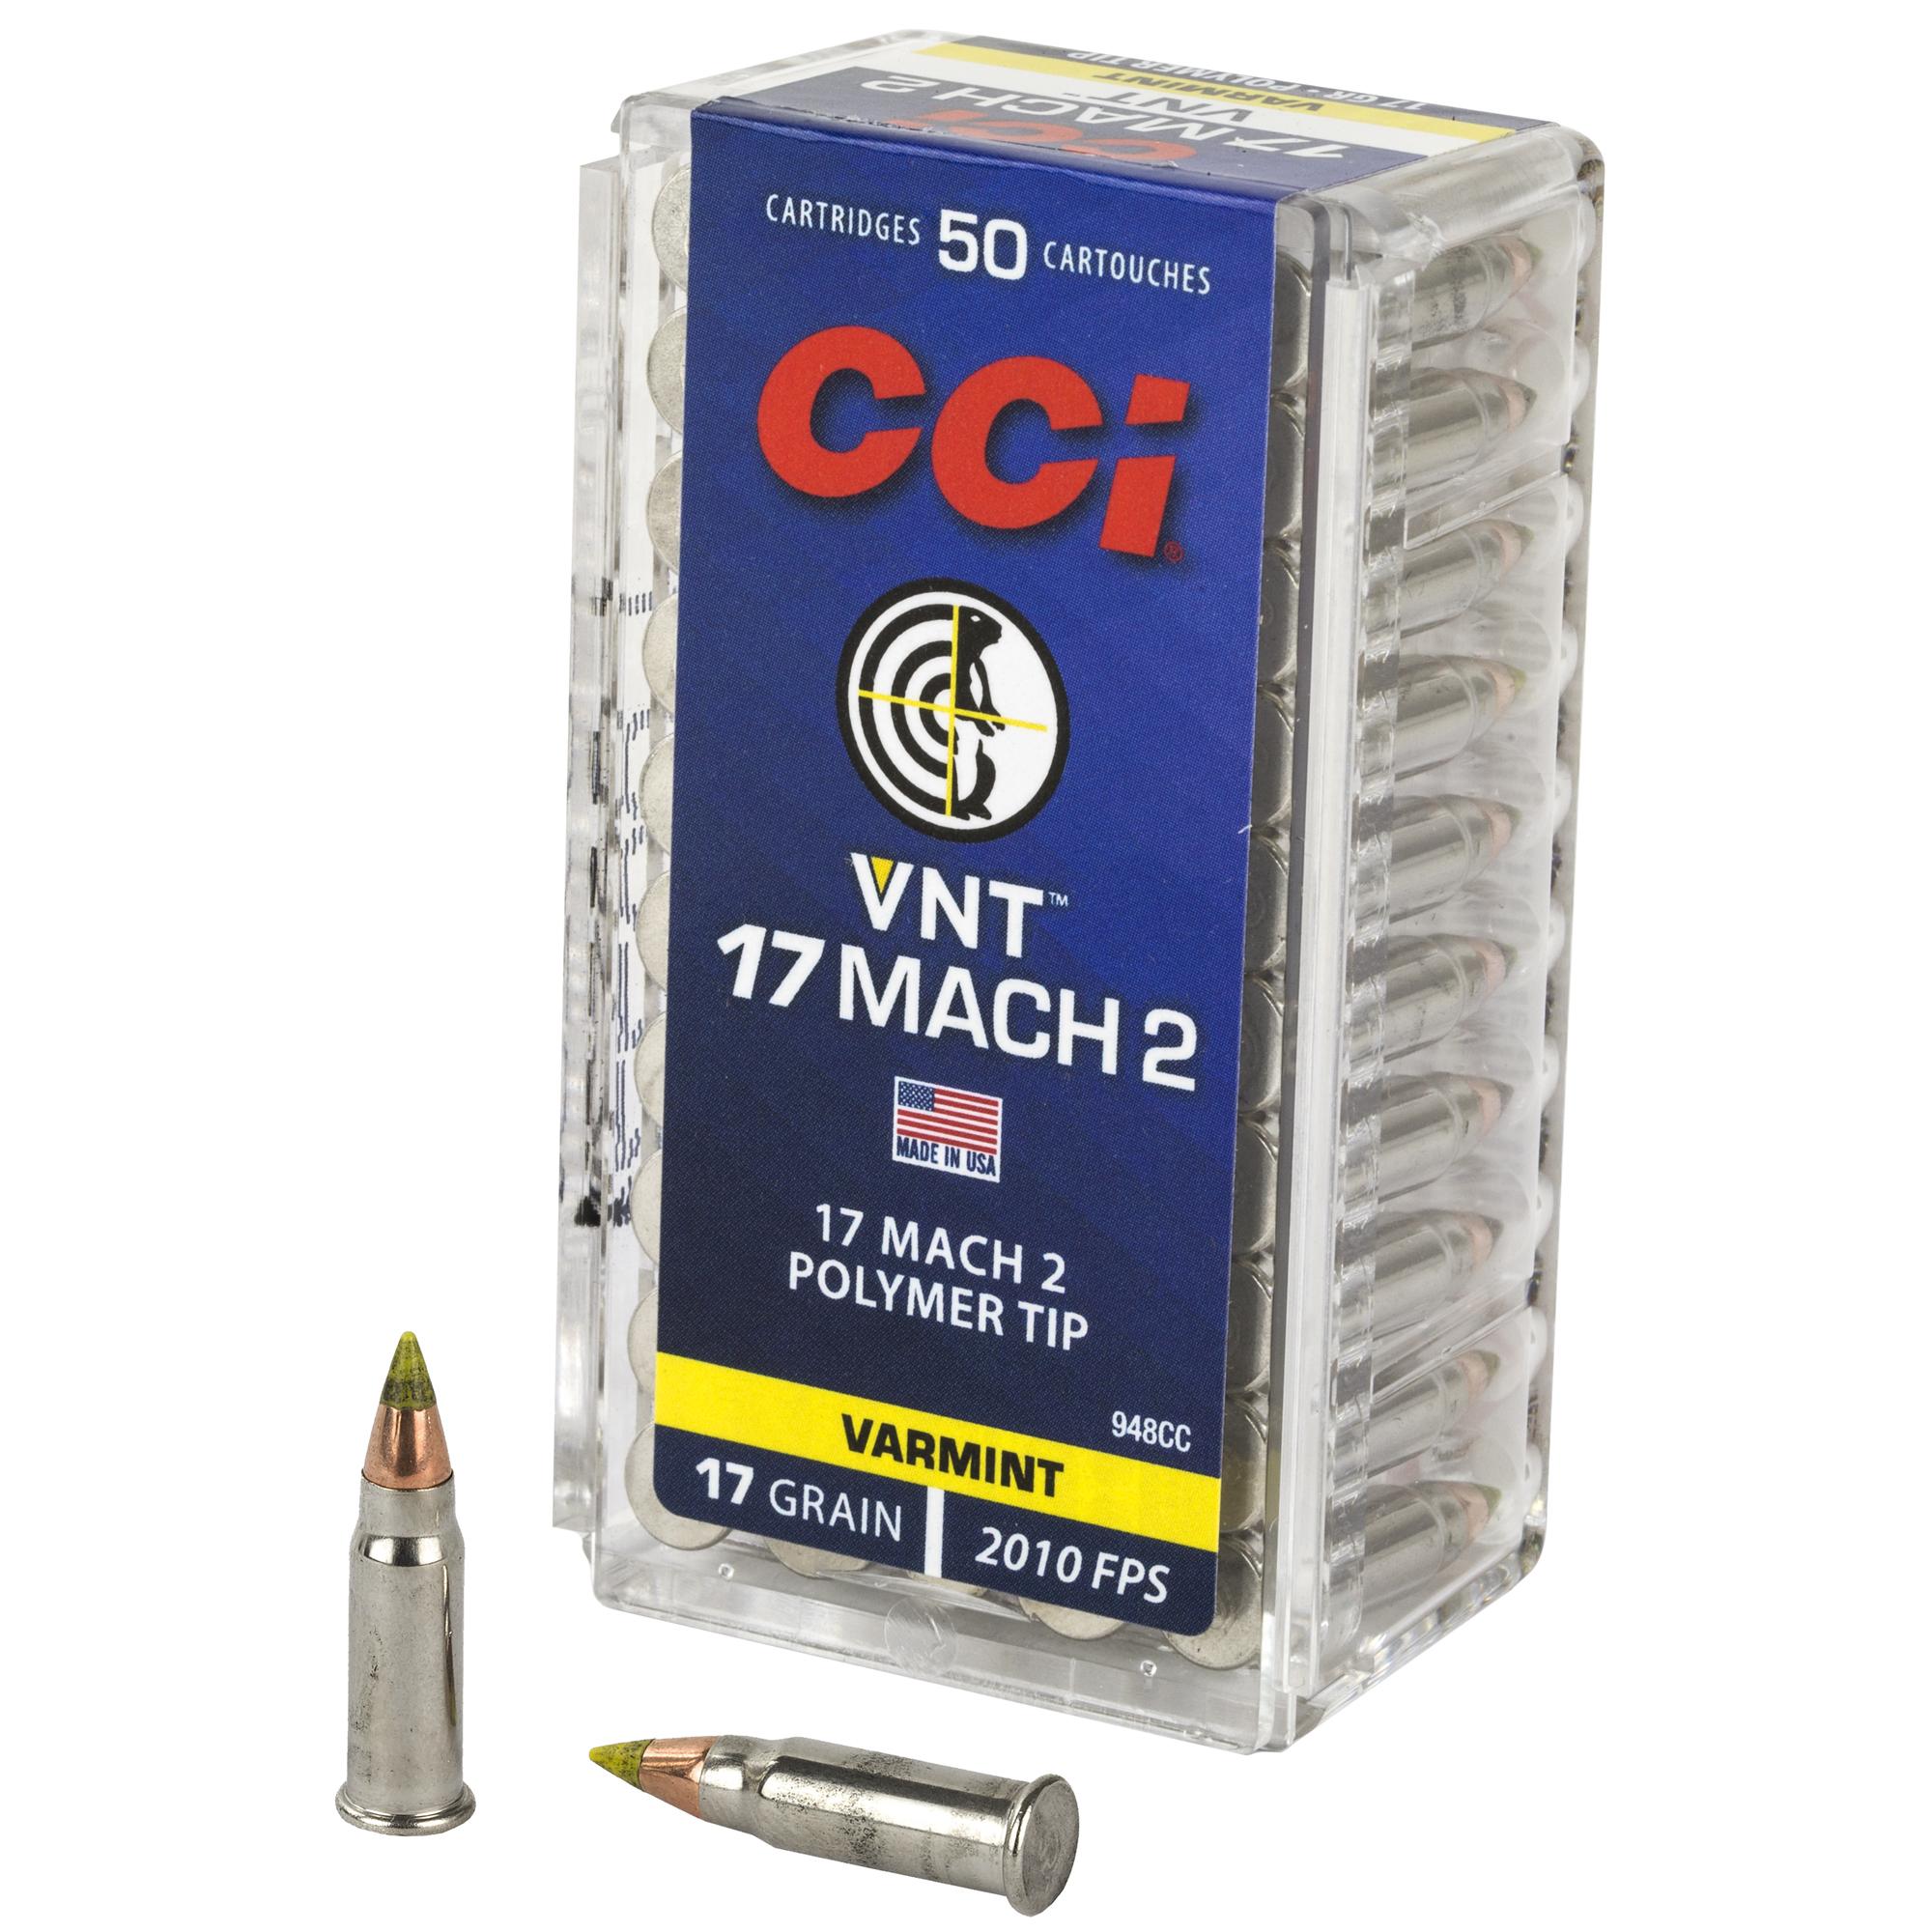 Cci 17 Mach 2 17gr Vrmnt Tip 50/5000